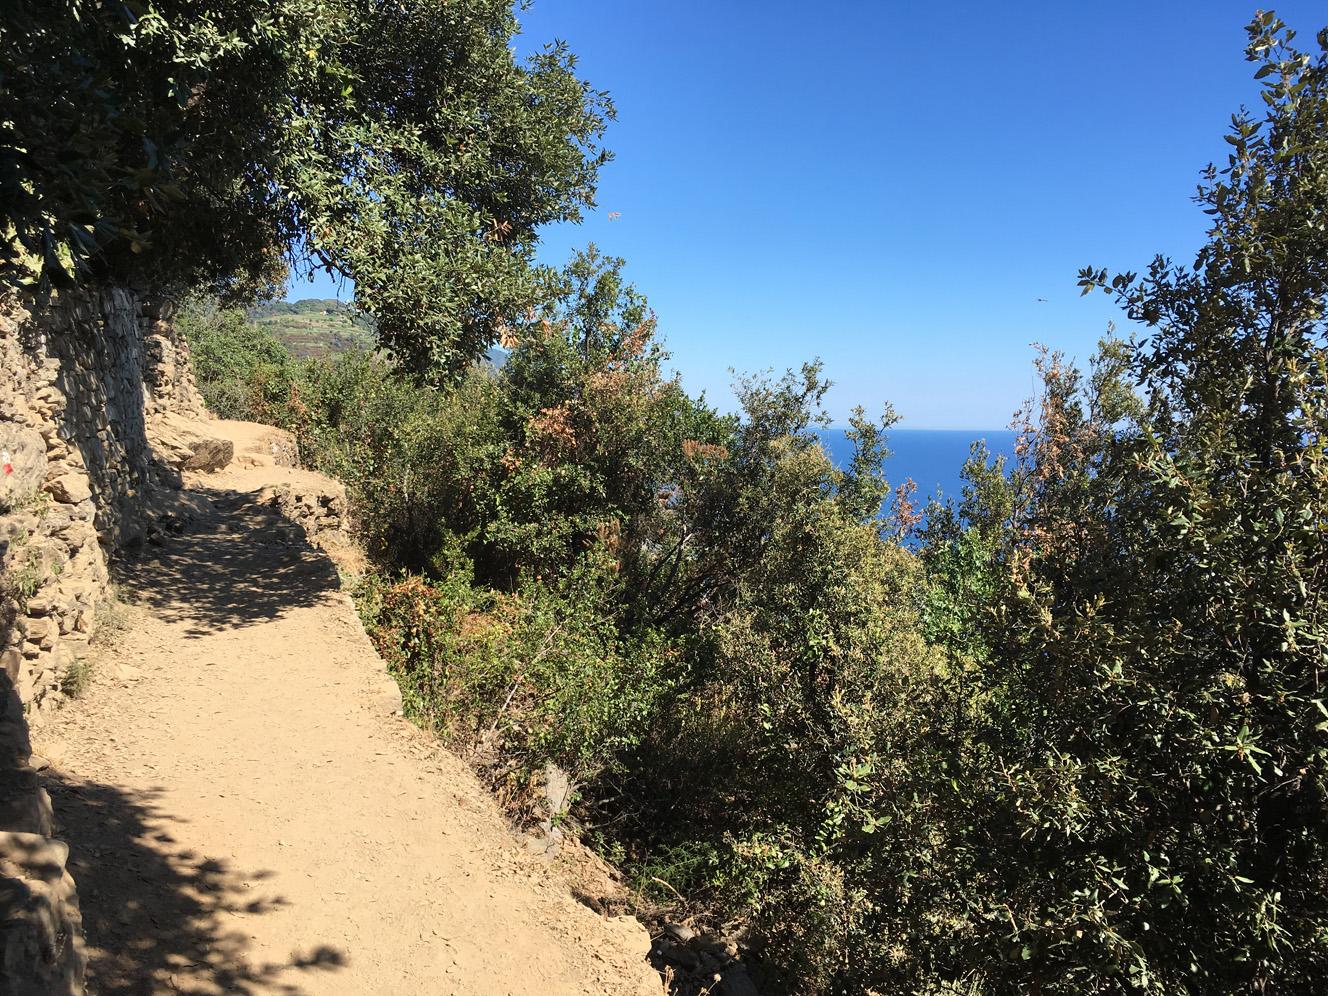 La beauté des Cinq Terres, El Sentiero Azurro, Côté Hublot